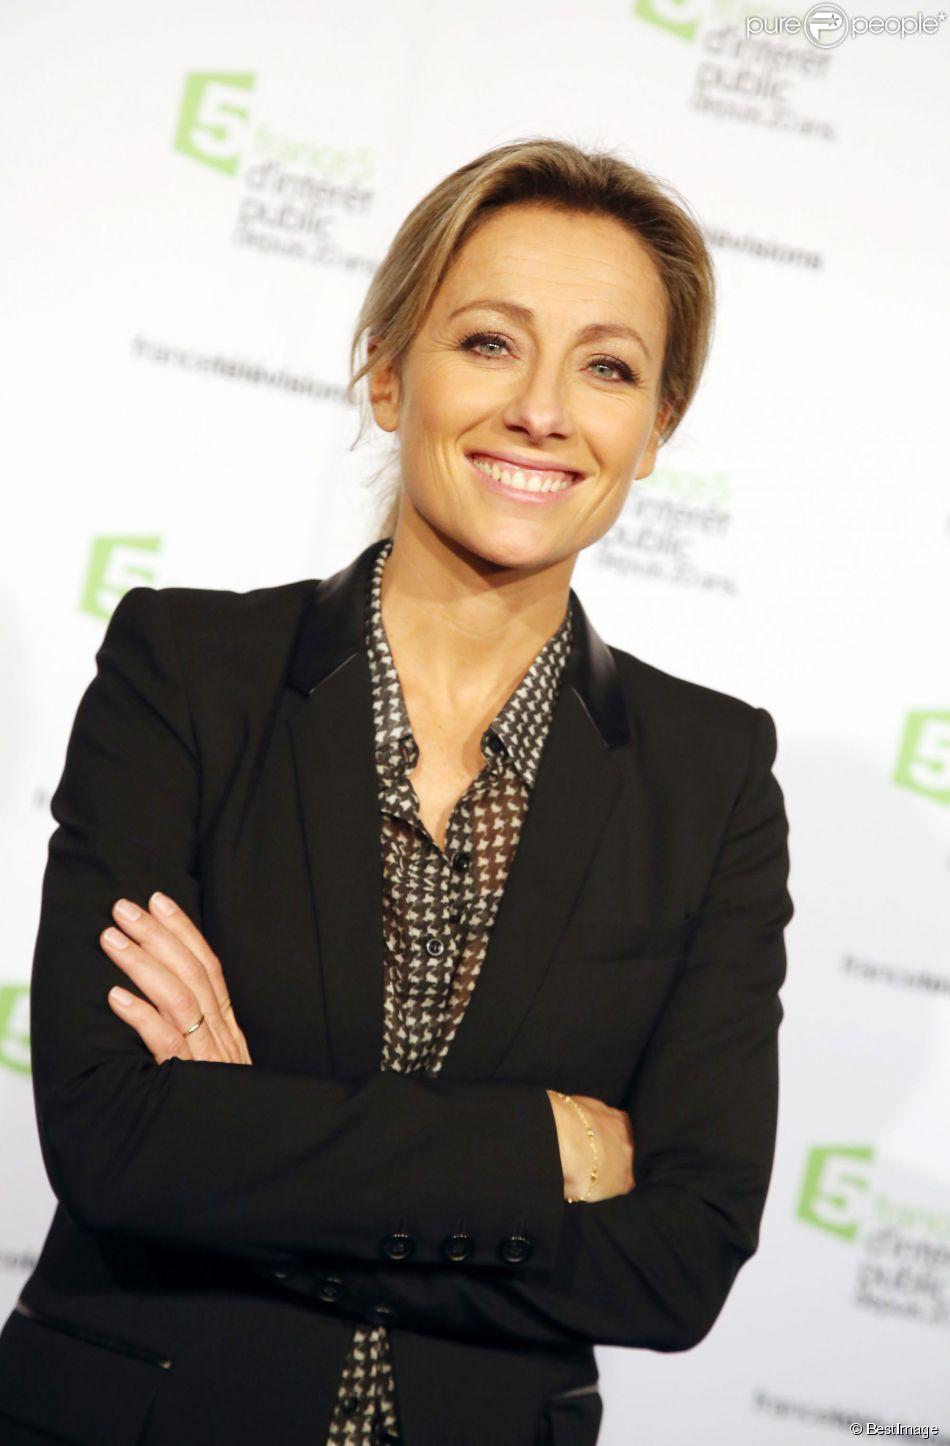 Anne-Sophie Lapix à la Cité de la mode et du design à Paris, le 27 novembre 2014.